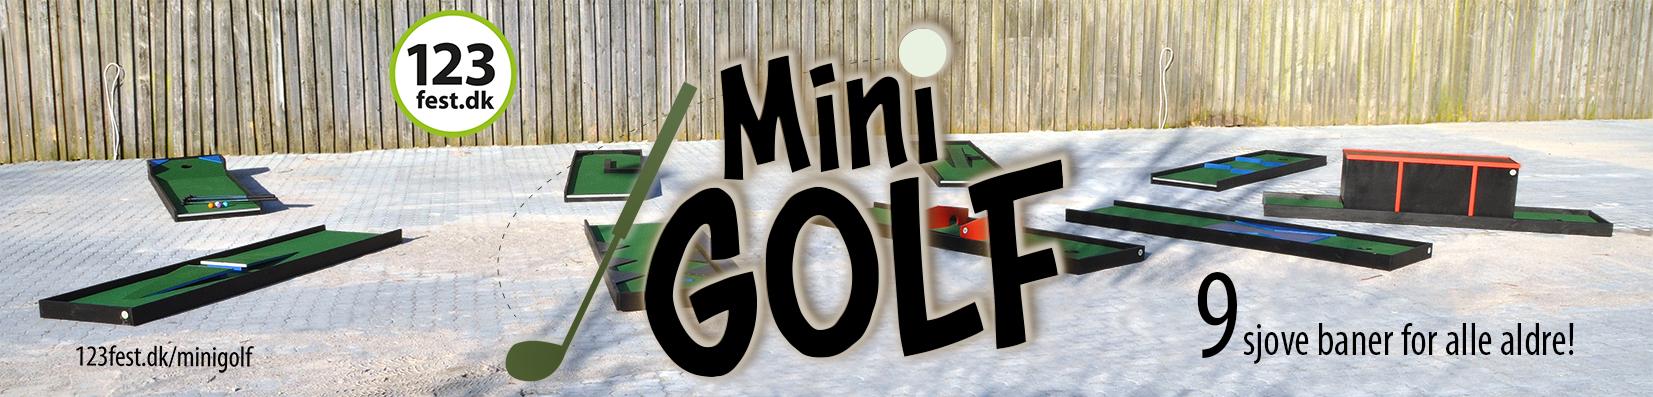 minigolf udlejning af minigolf-baner